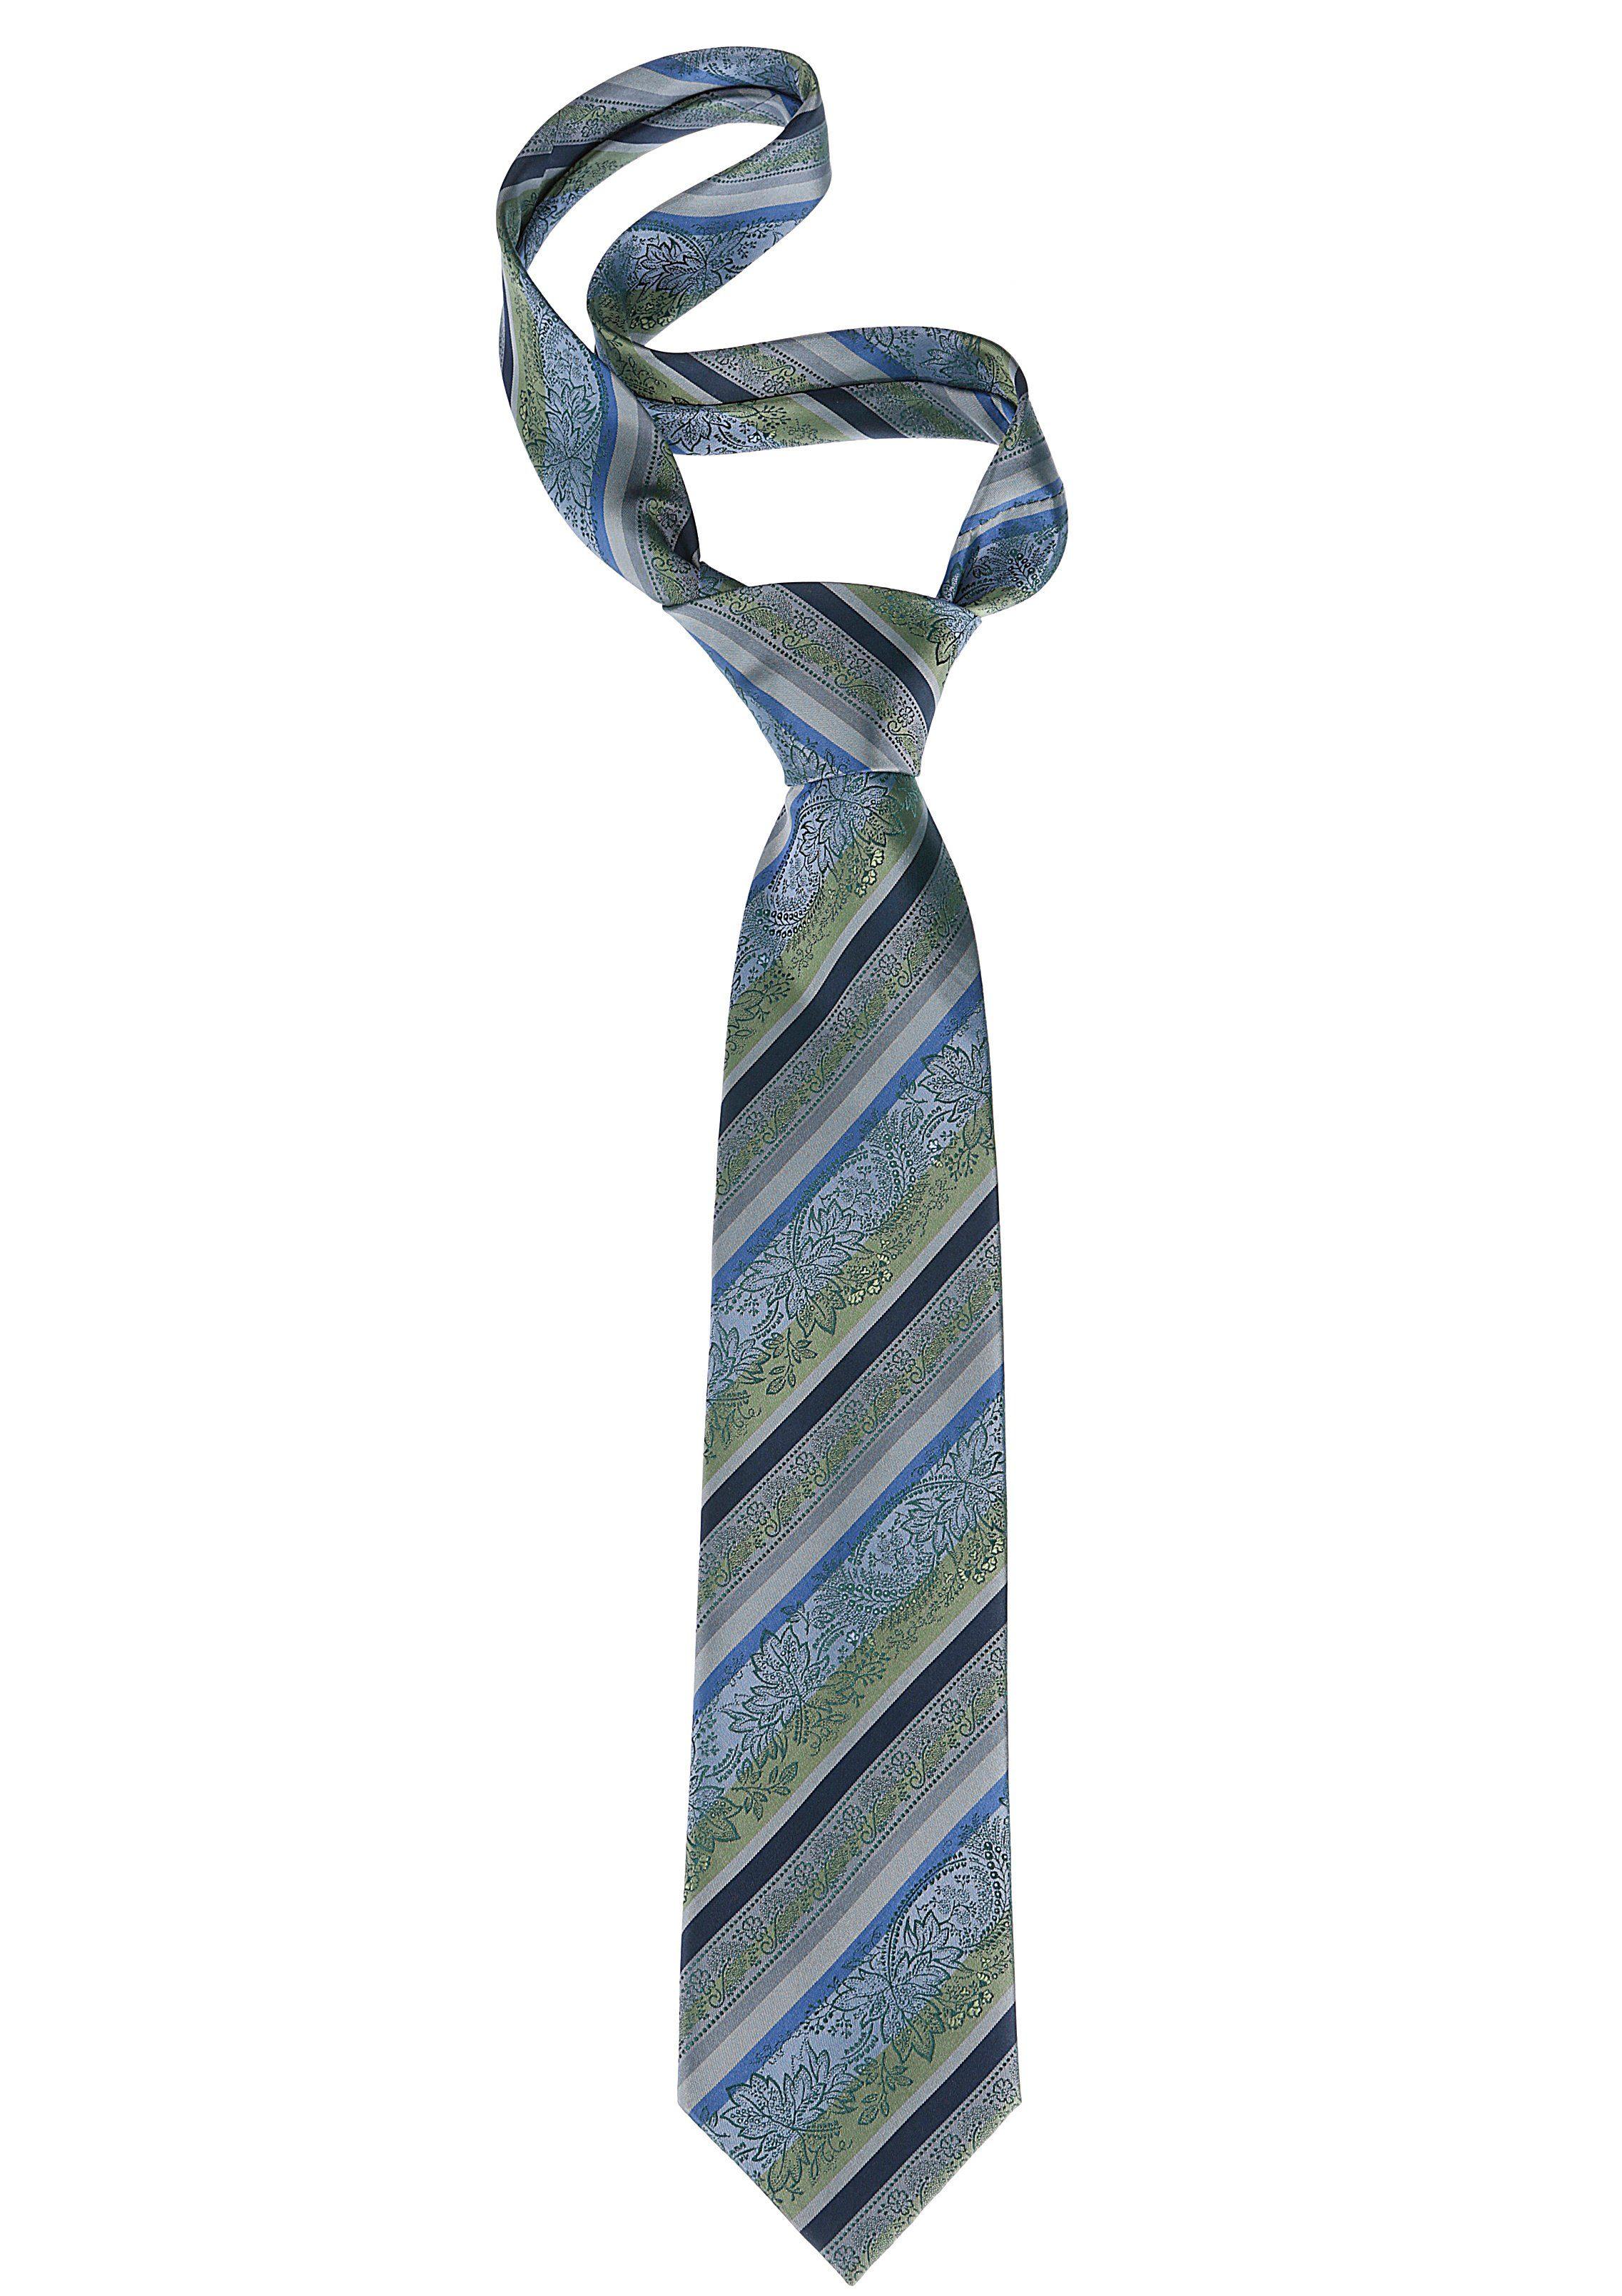 Trachtenkrawatte mit eingewebtem Muster | Accessoires > Krawatten > Sonstige Krawatten